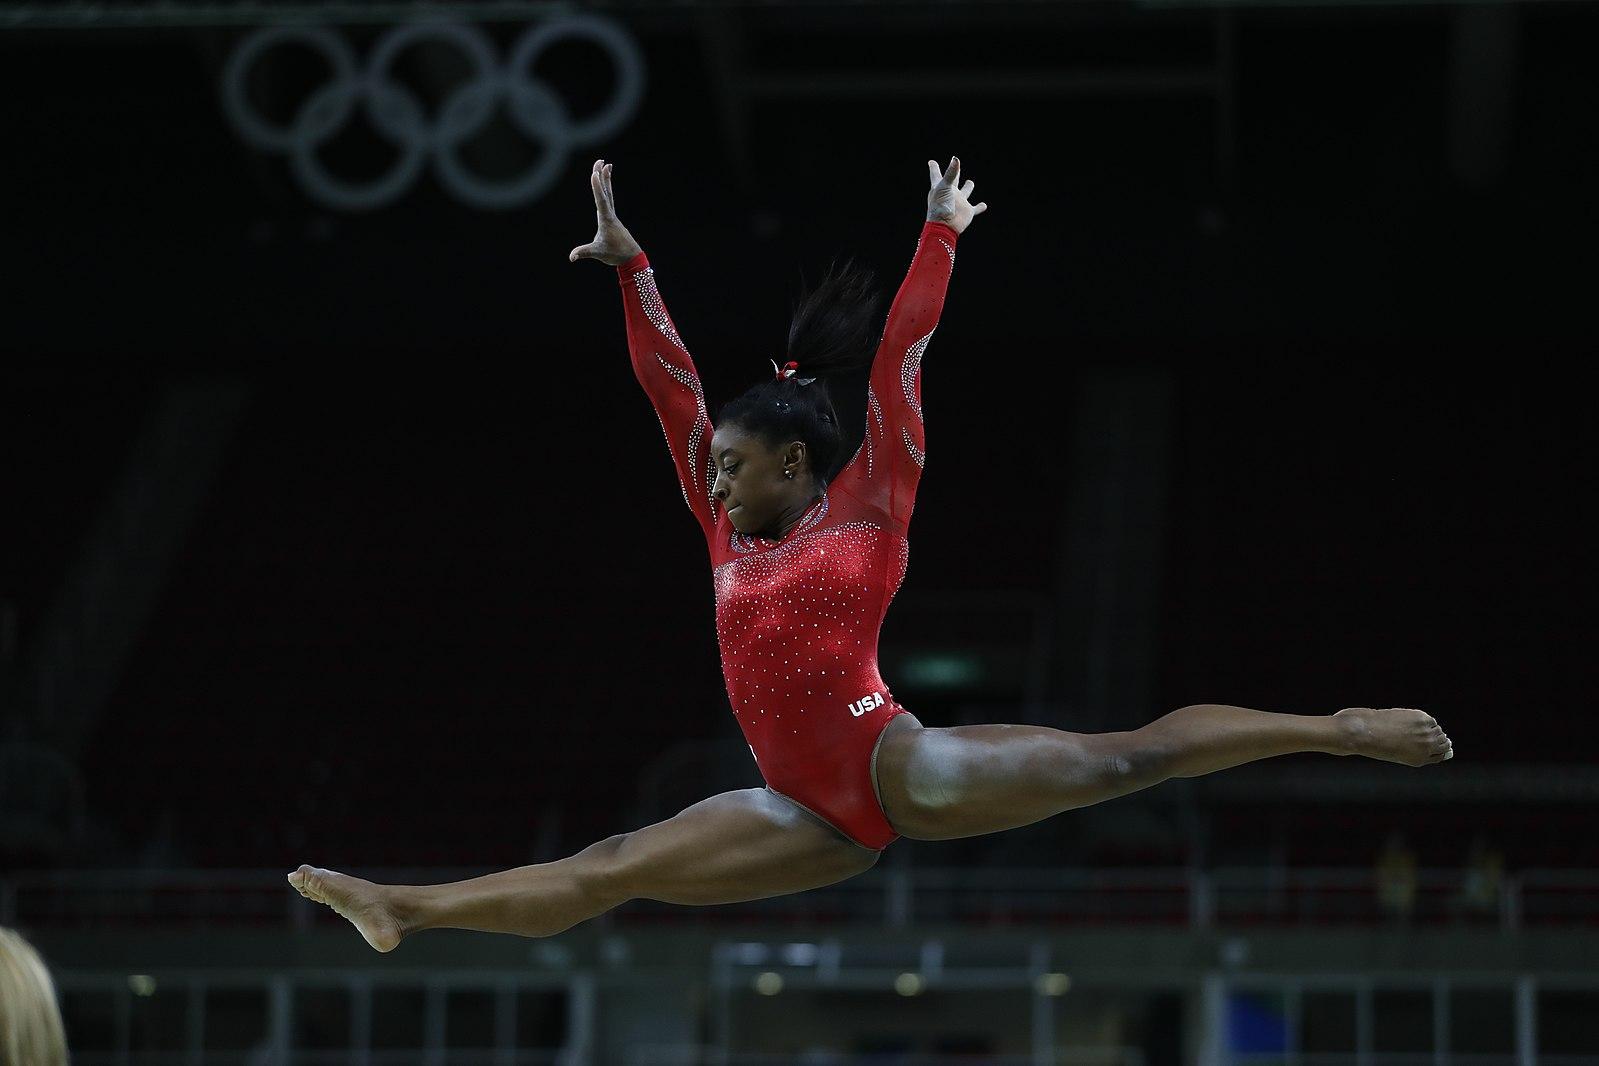 jeux olympiques jo athlètes performances